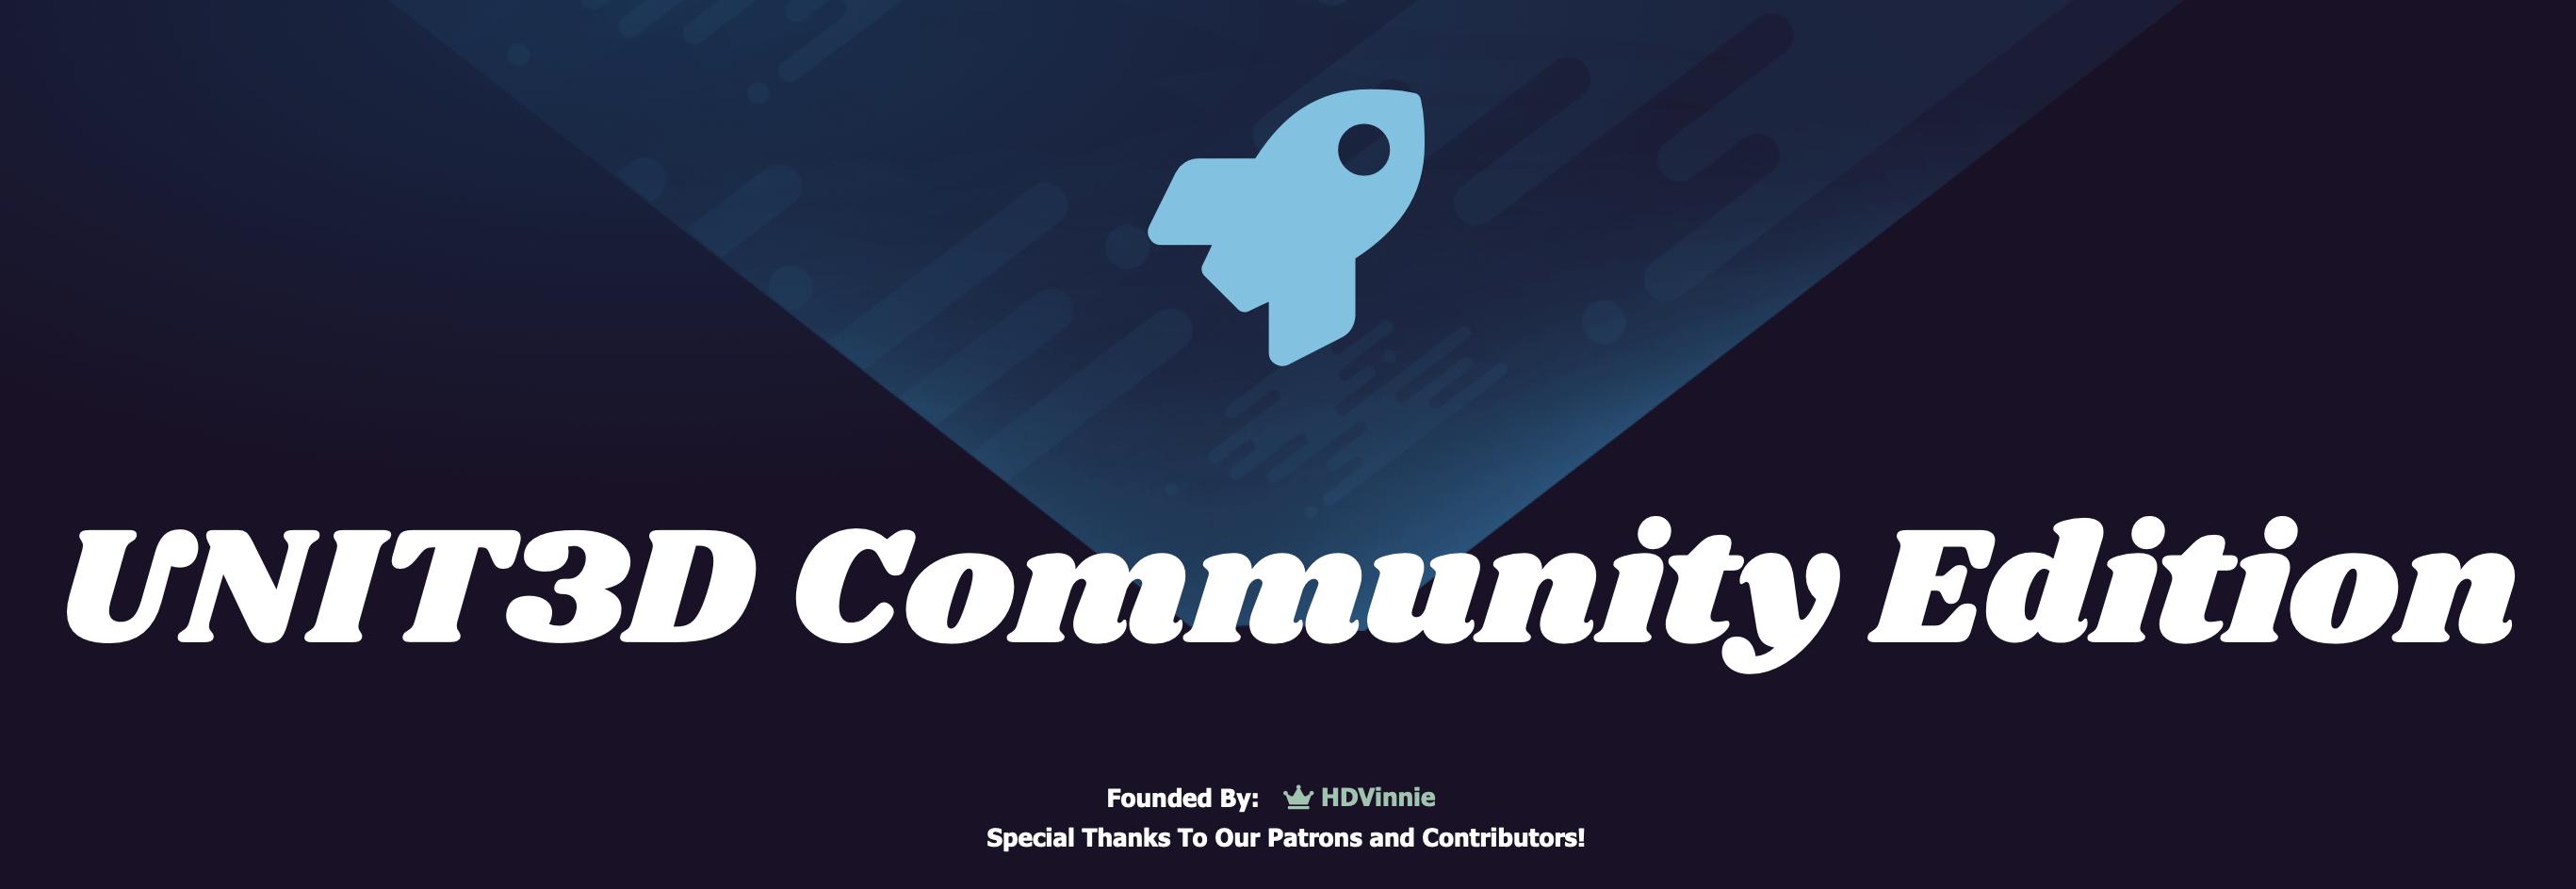 UNIT3D-Community-Edition Cover Image